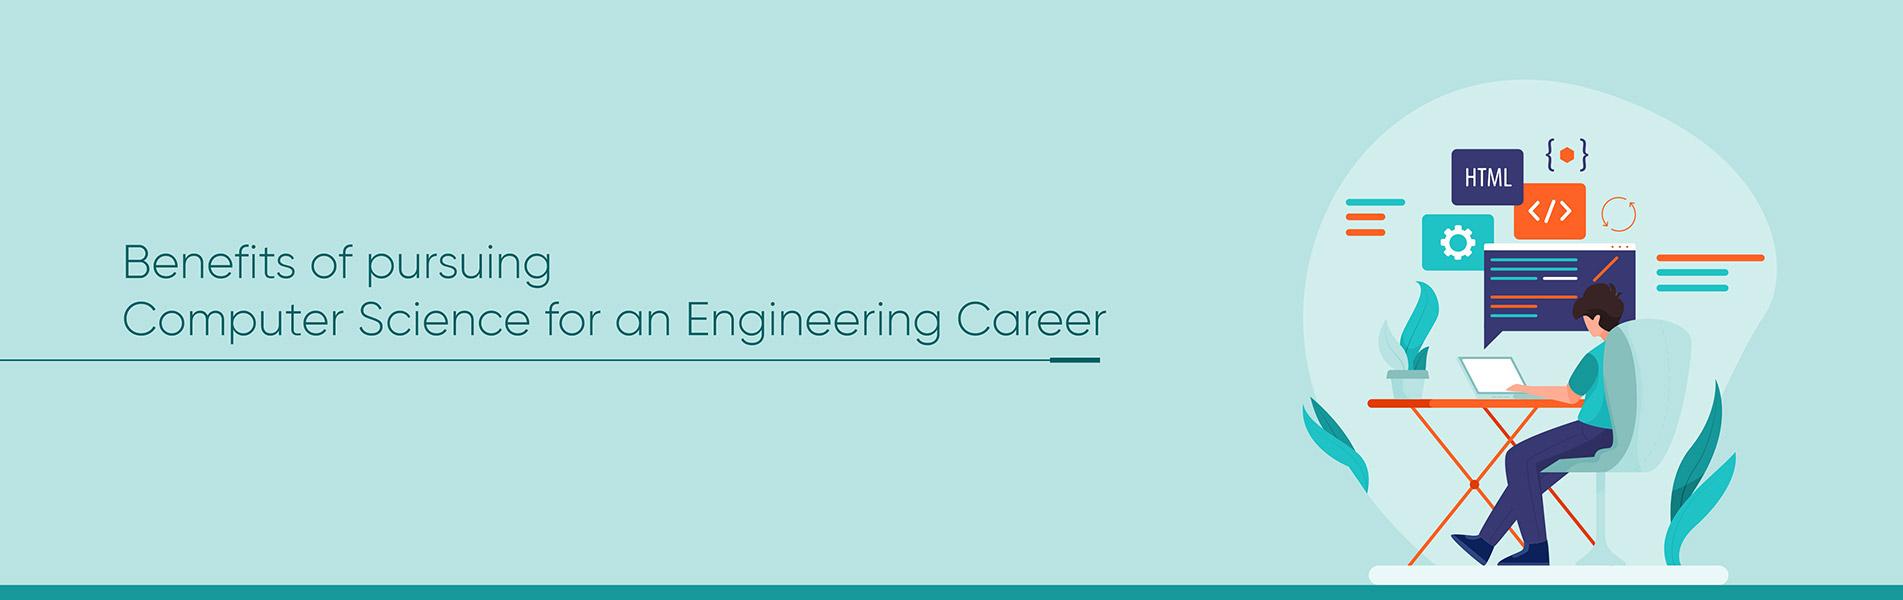 computer science, engineering career